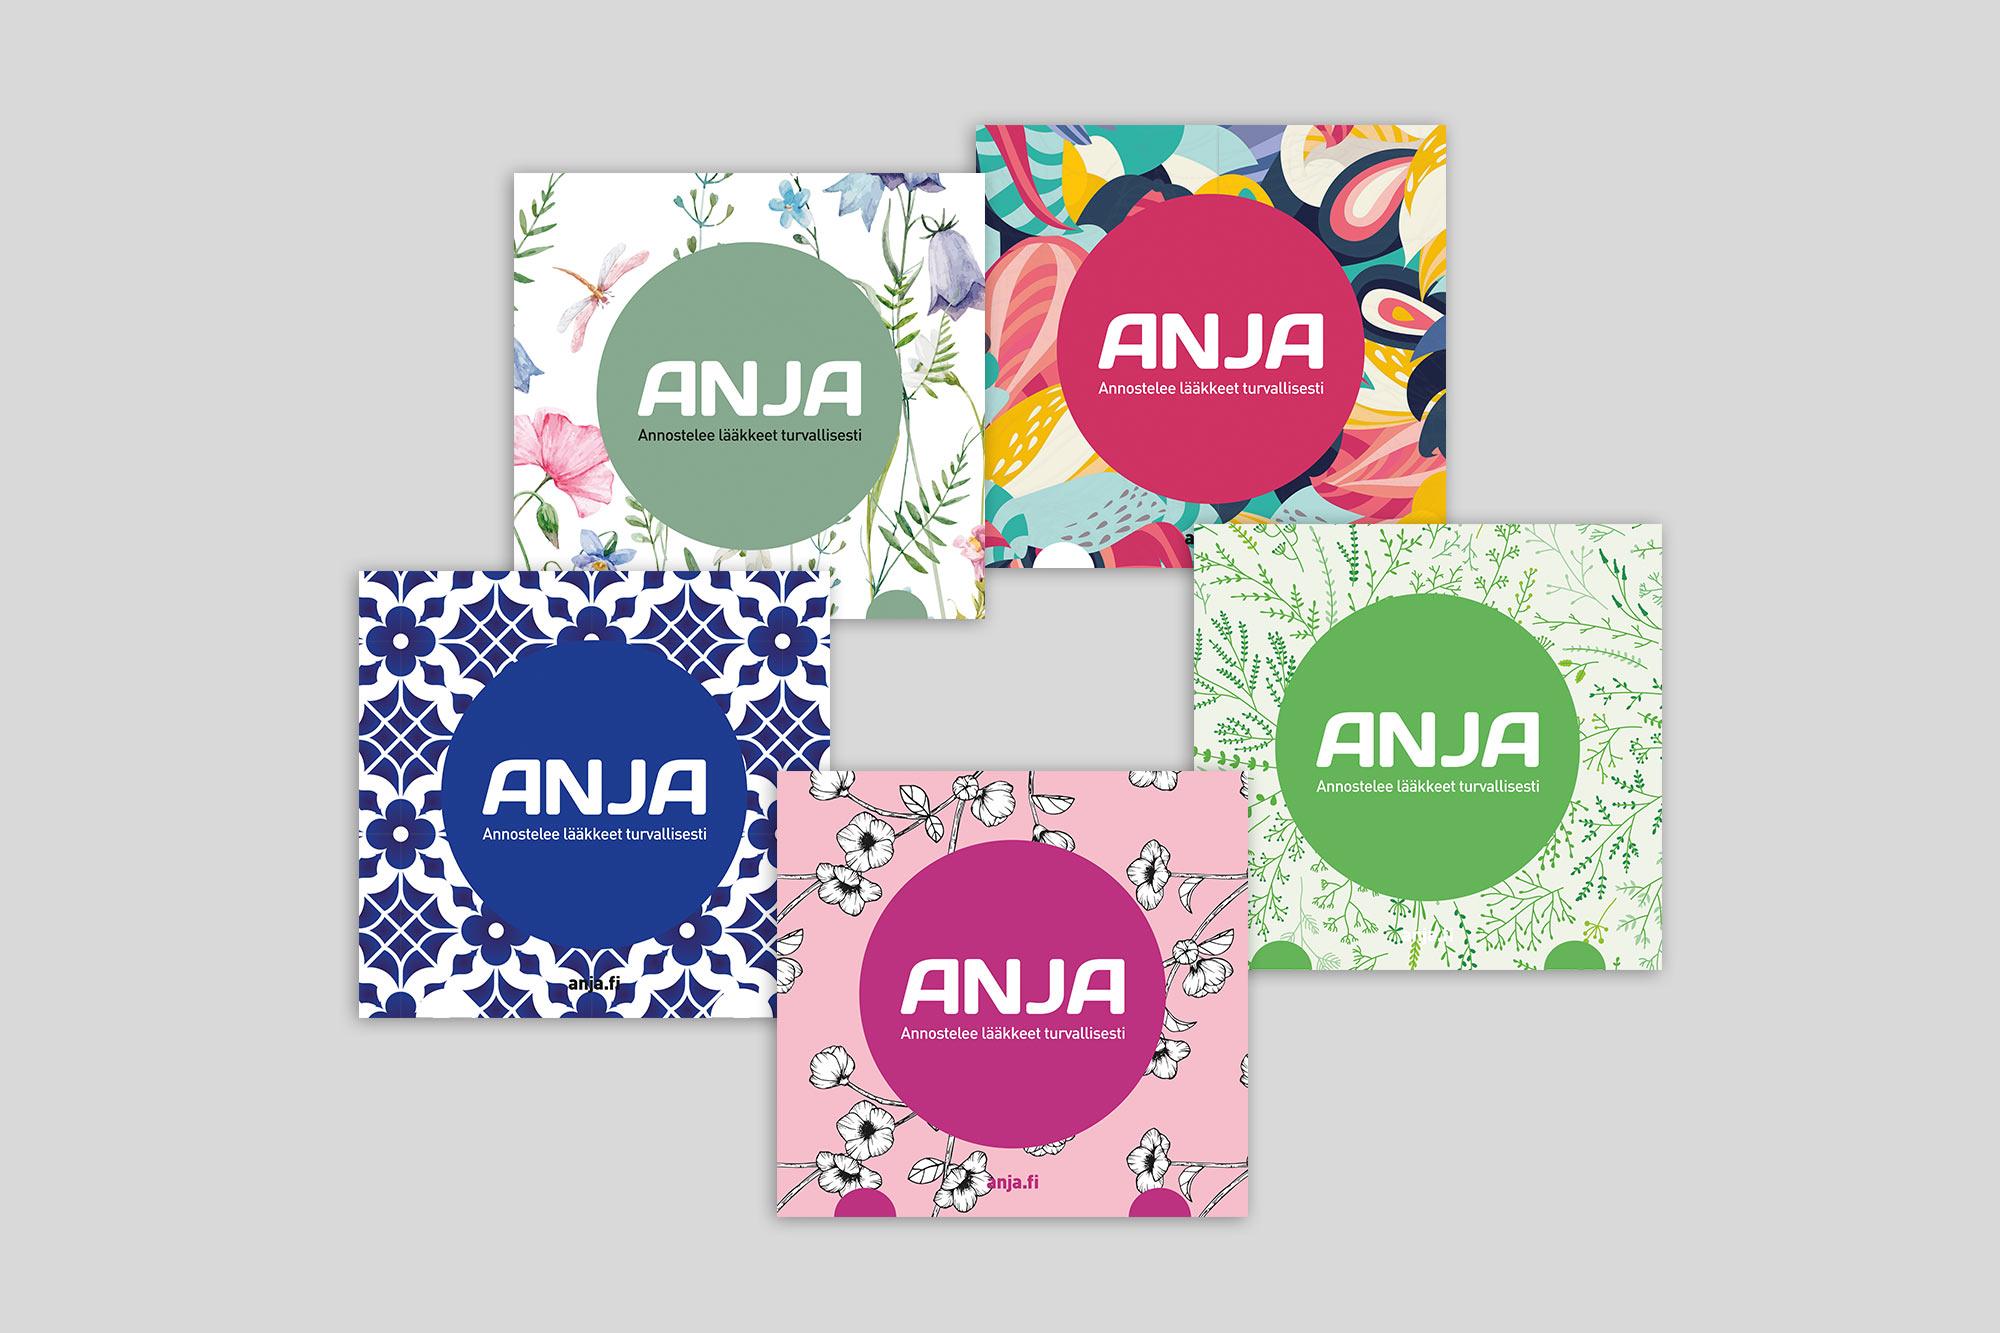 Mikä uusista Anja-laatikoista on suosikkisi? Kerro ja voita Marimekon kangaskassi!